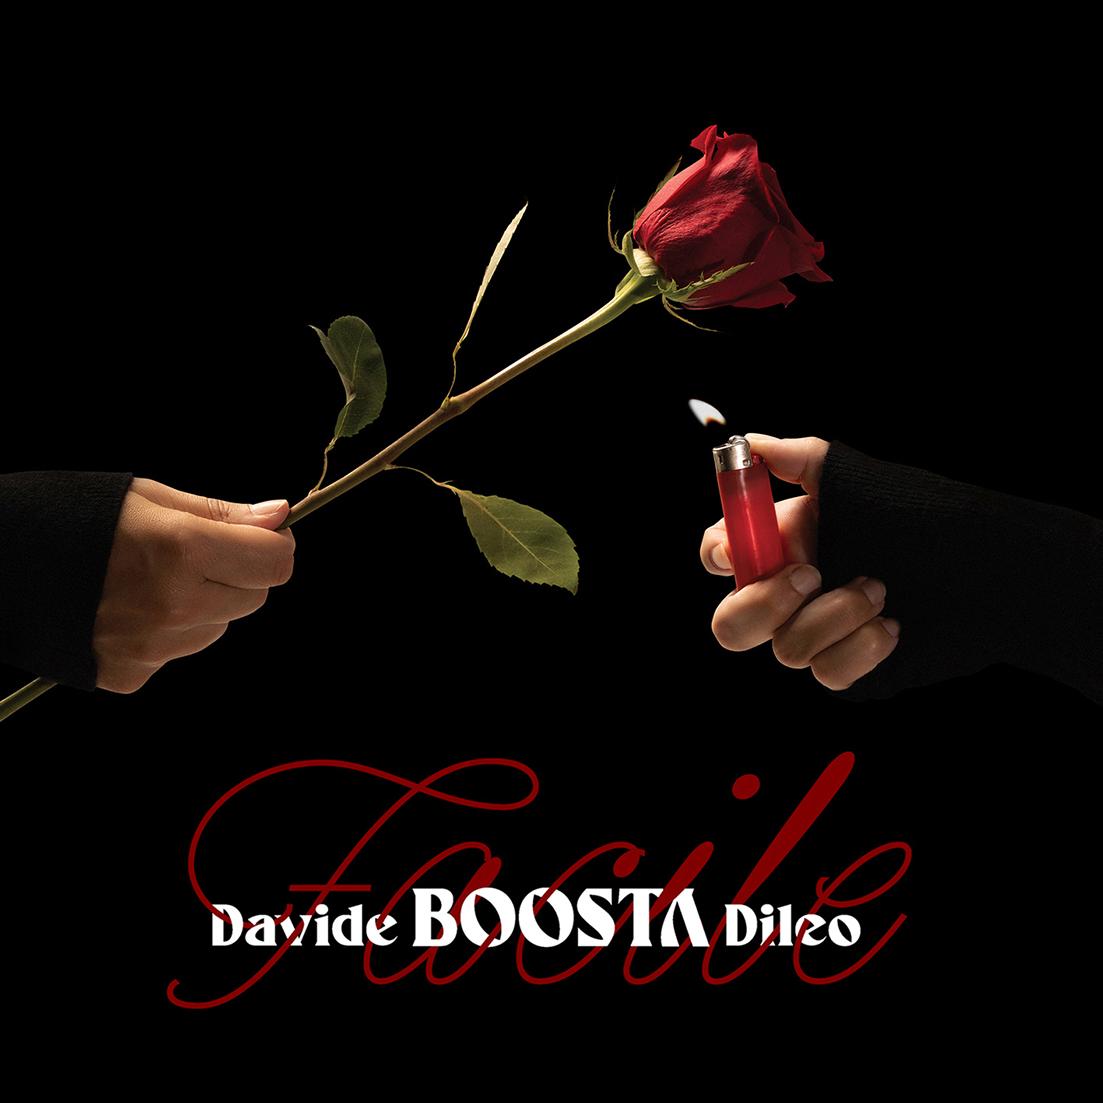 DAVIDE BOOSTA DILEO